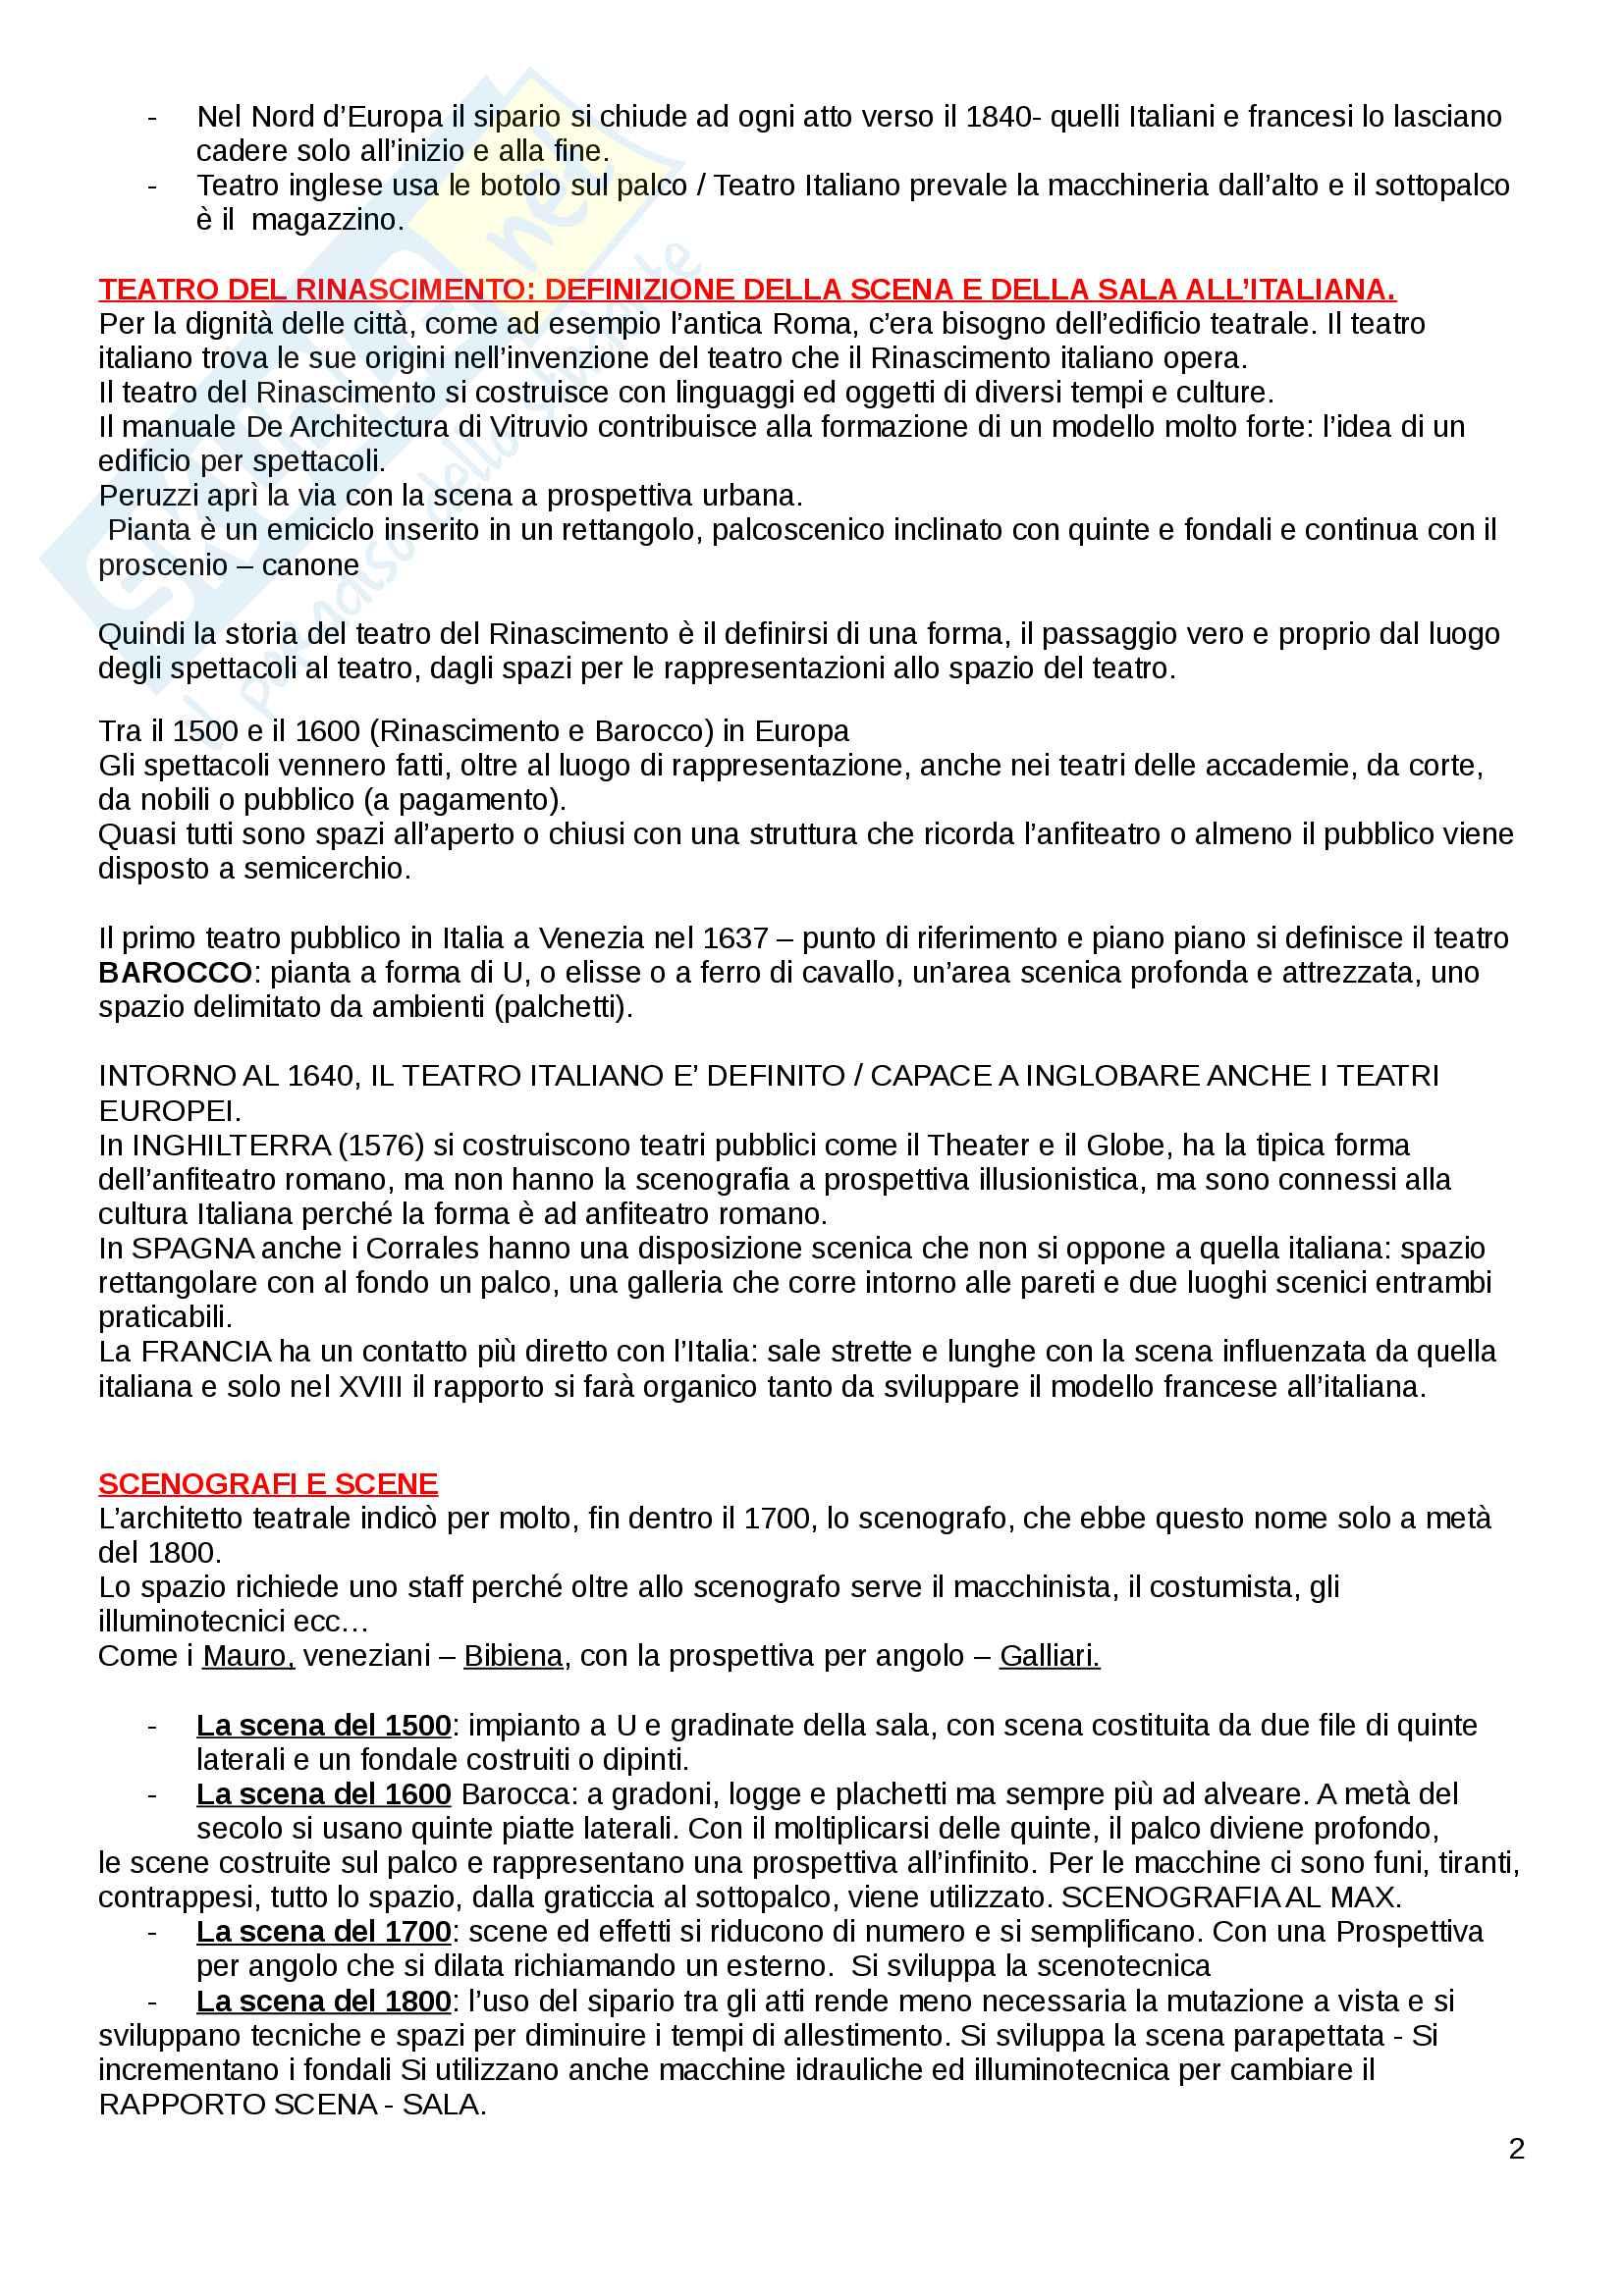 Riassunto esame Storia dello Spettacolo, docente D'Orazi, libro consigliato Lo Spazio del Teatro, Cruciani Pag. 2